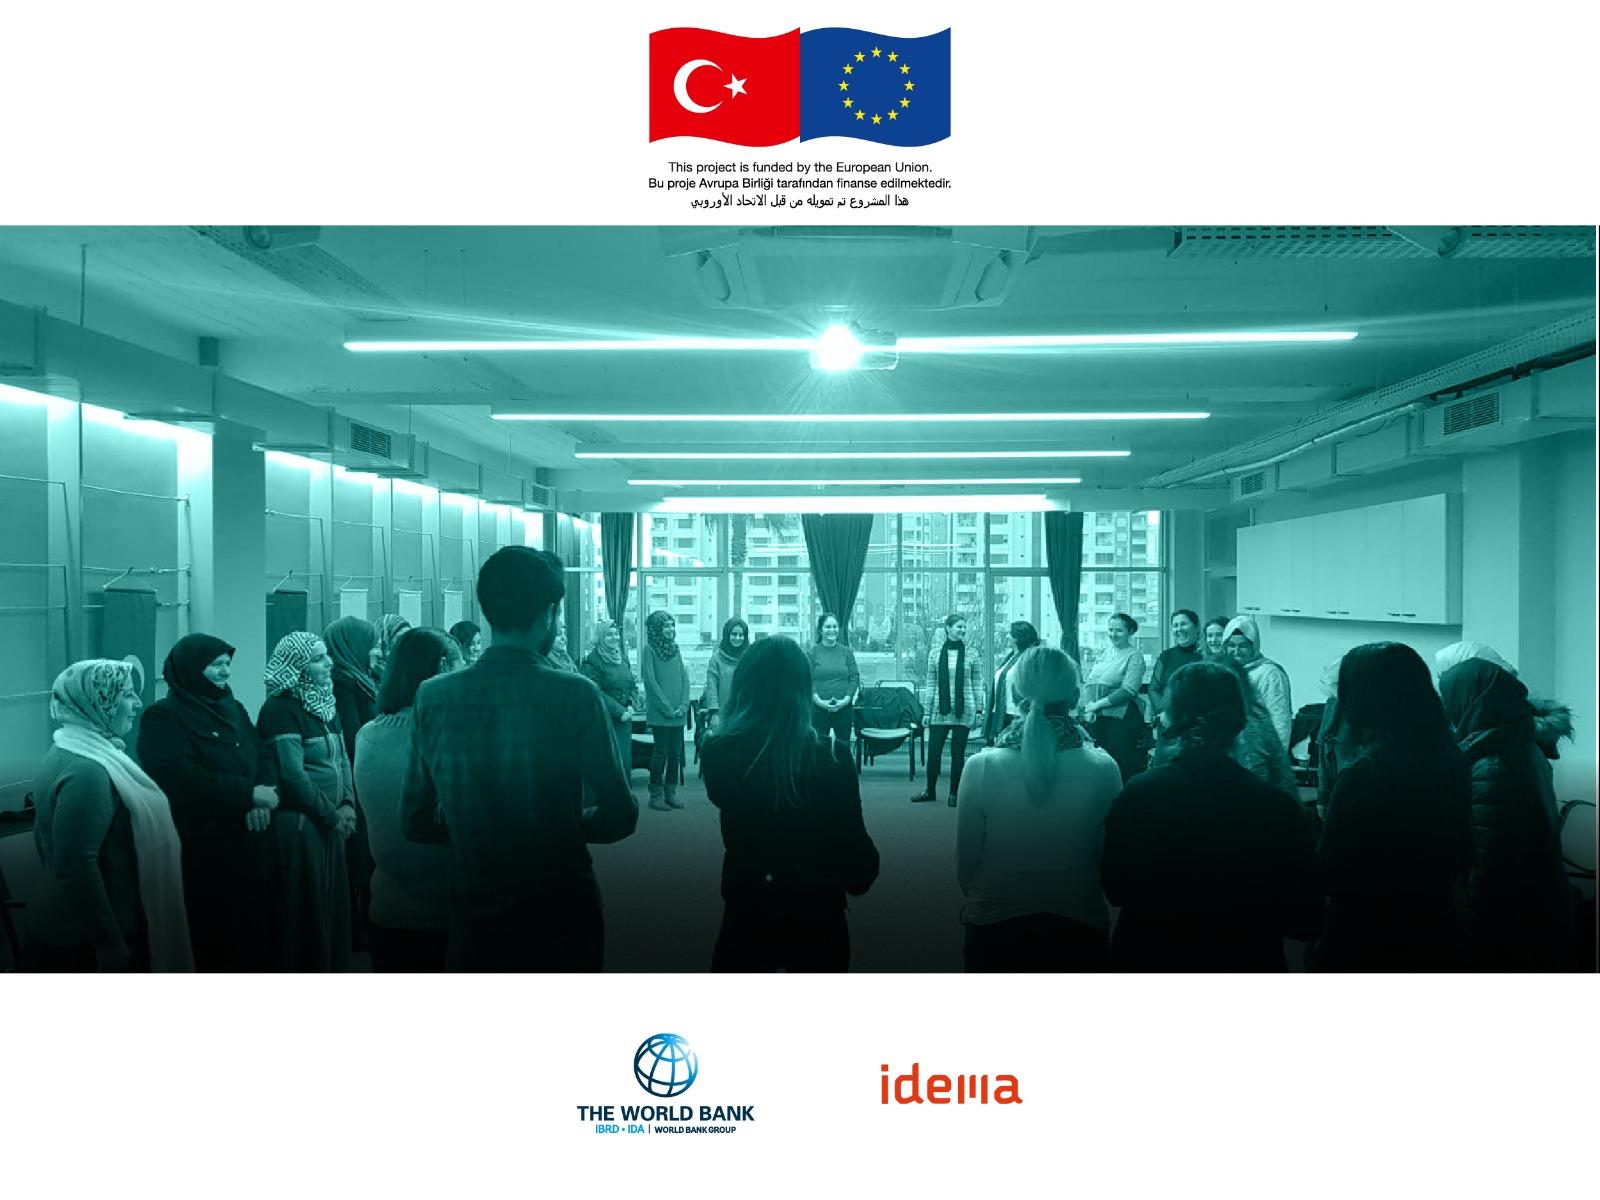 KÜME Projesi, Mersin'de Katılımcılarını Arıyor!